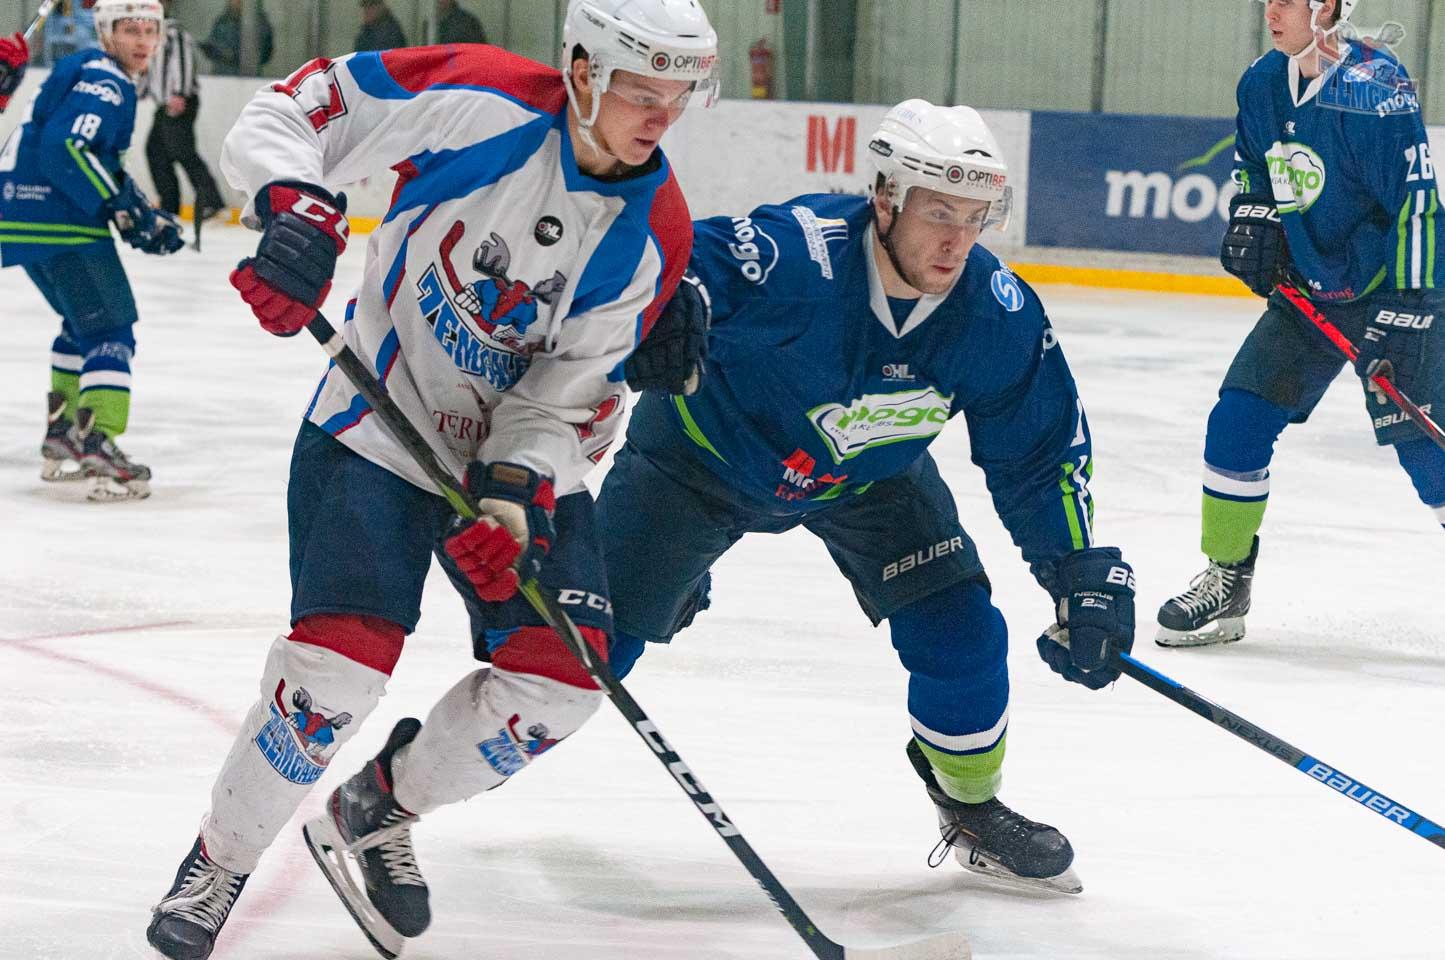 Divi hokejisti skatās uz ledus laukumu